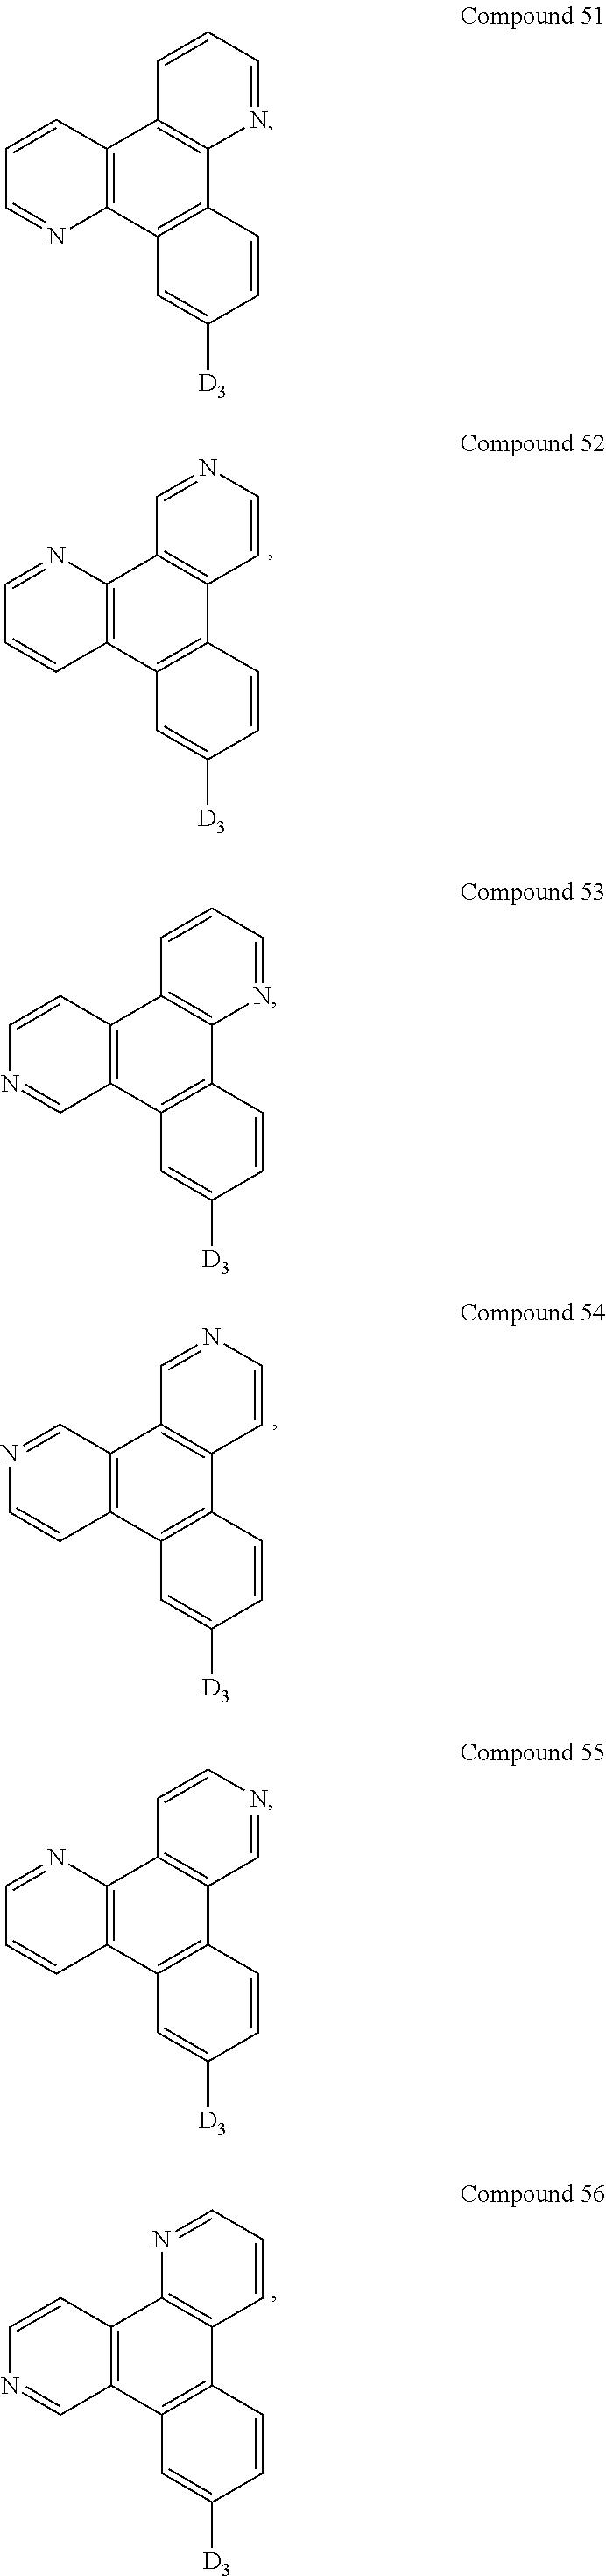 Figure US09537106-20170103-C00063